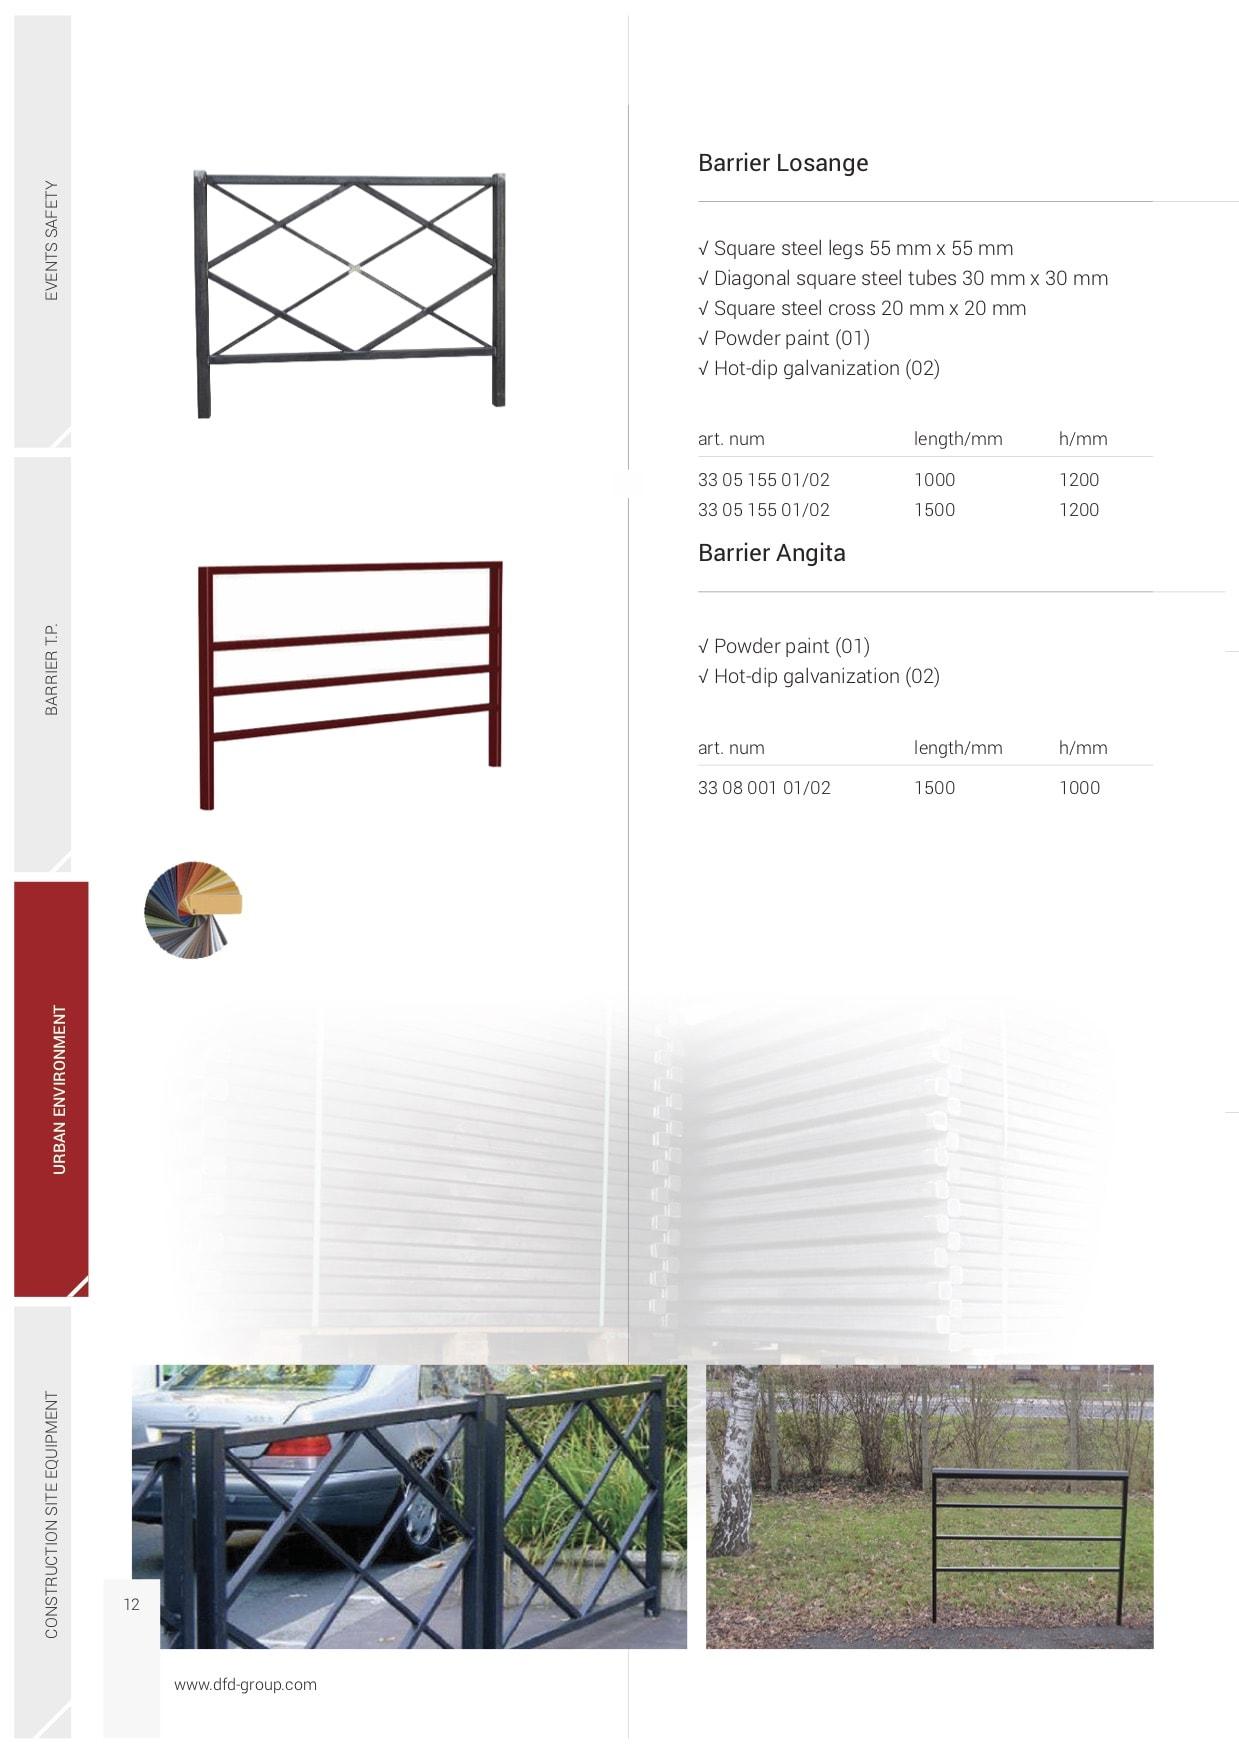 DfD_catalogue_en_Urban_Environment_3